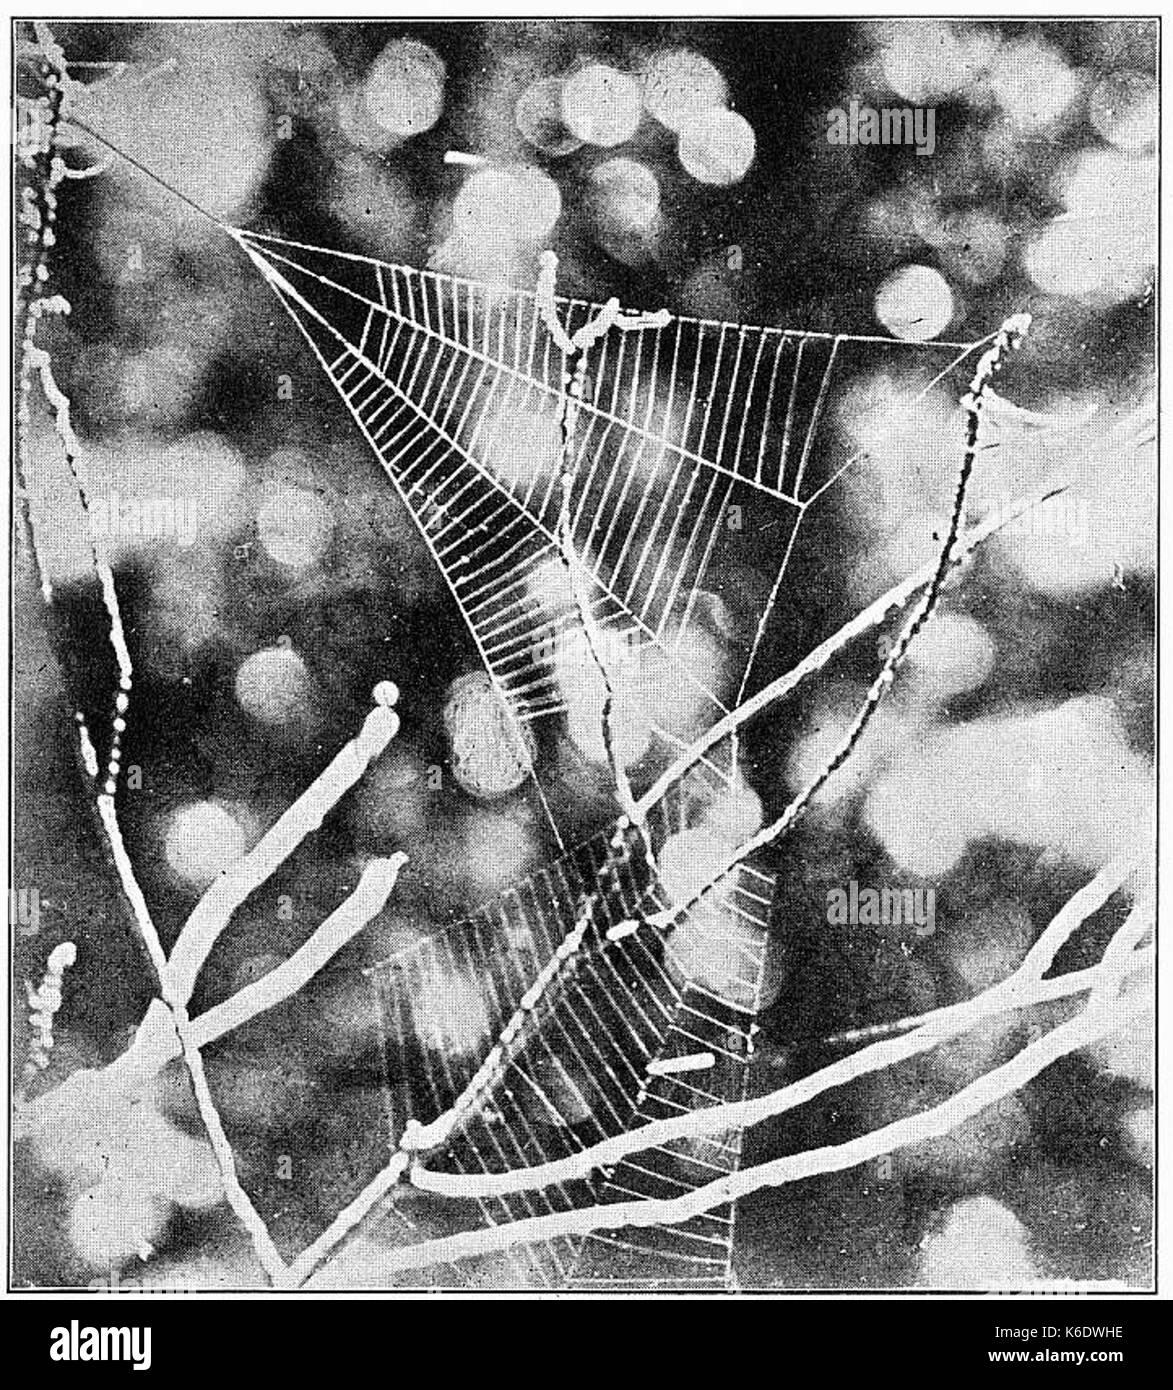 Common Spiders U.S. 500 Hyptiotes web - Stock Image